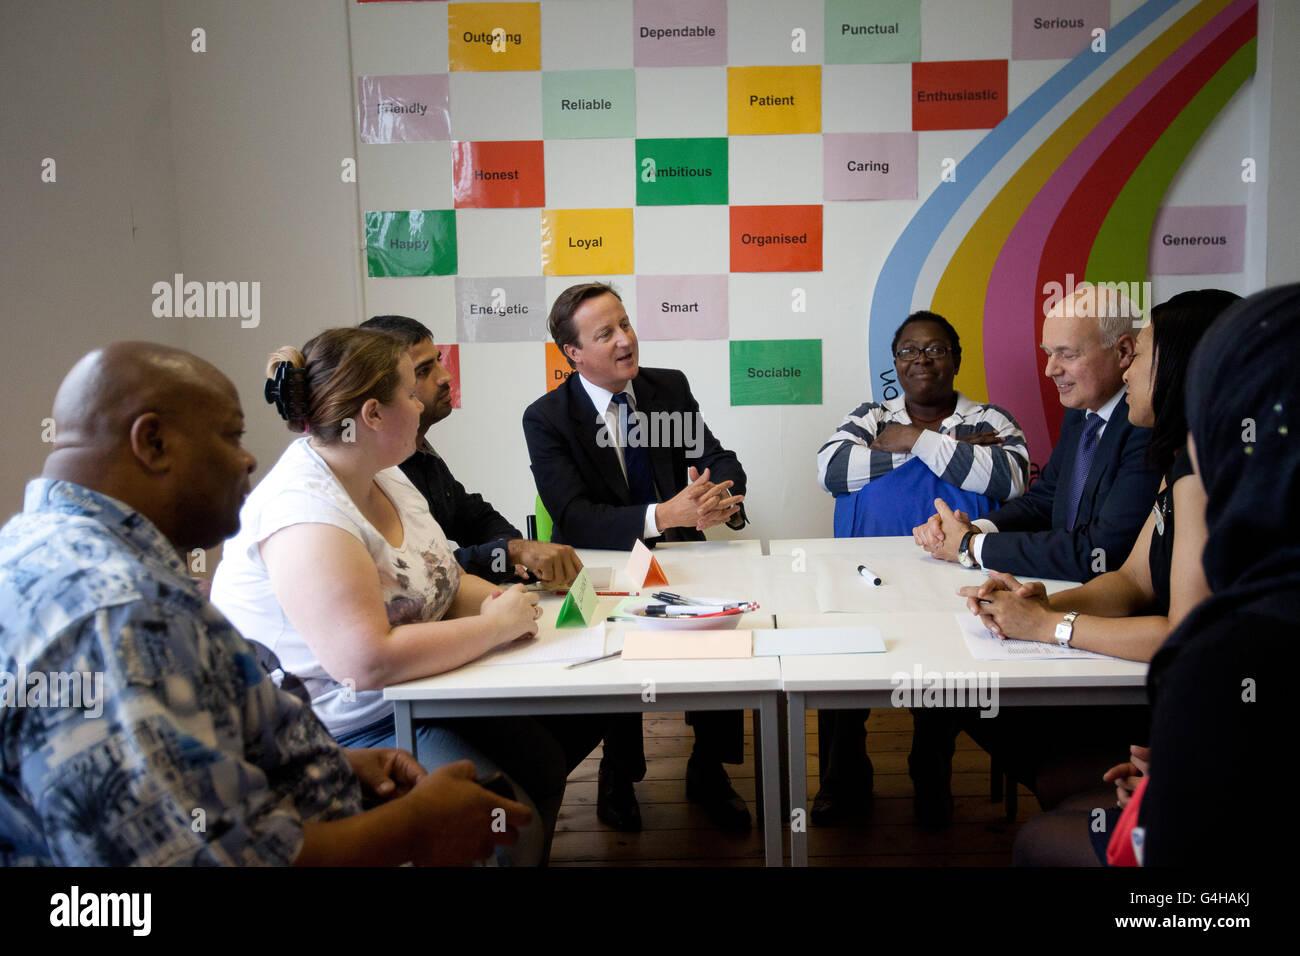 Le Premier ministre David Cameron et le secrétaire d'État au travail et aux pensions Iain Duncan Smith participent à une séance de formation sur les compétences transférables lors d'une visite aux bureaux de l'A4E (action pour l'emploi) à Brixton, dans le sud de Londres. Banque D'Images